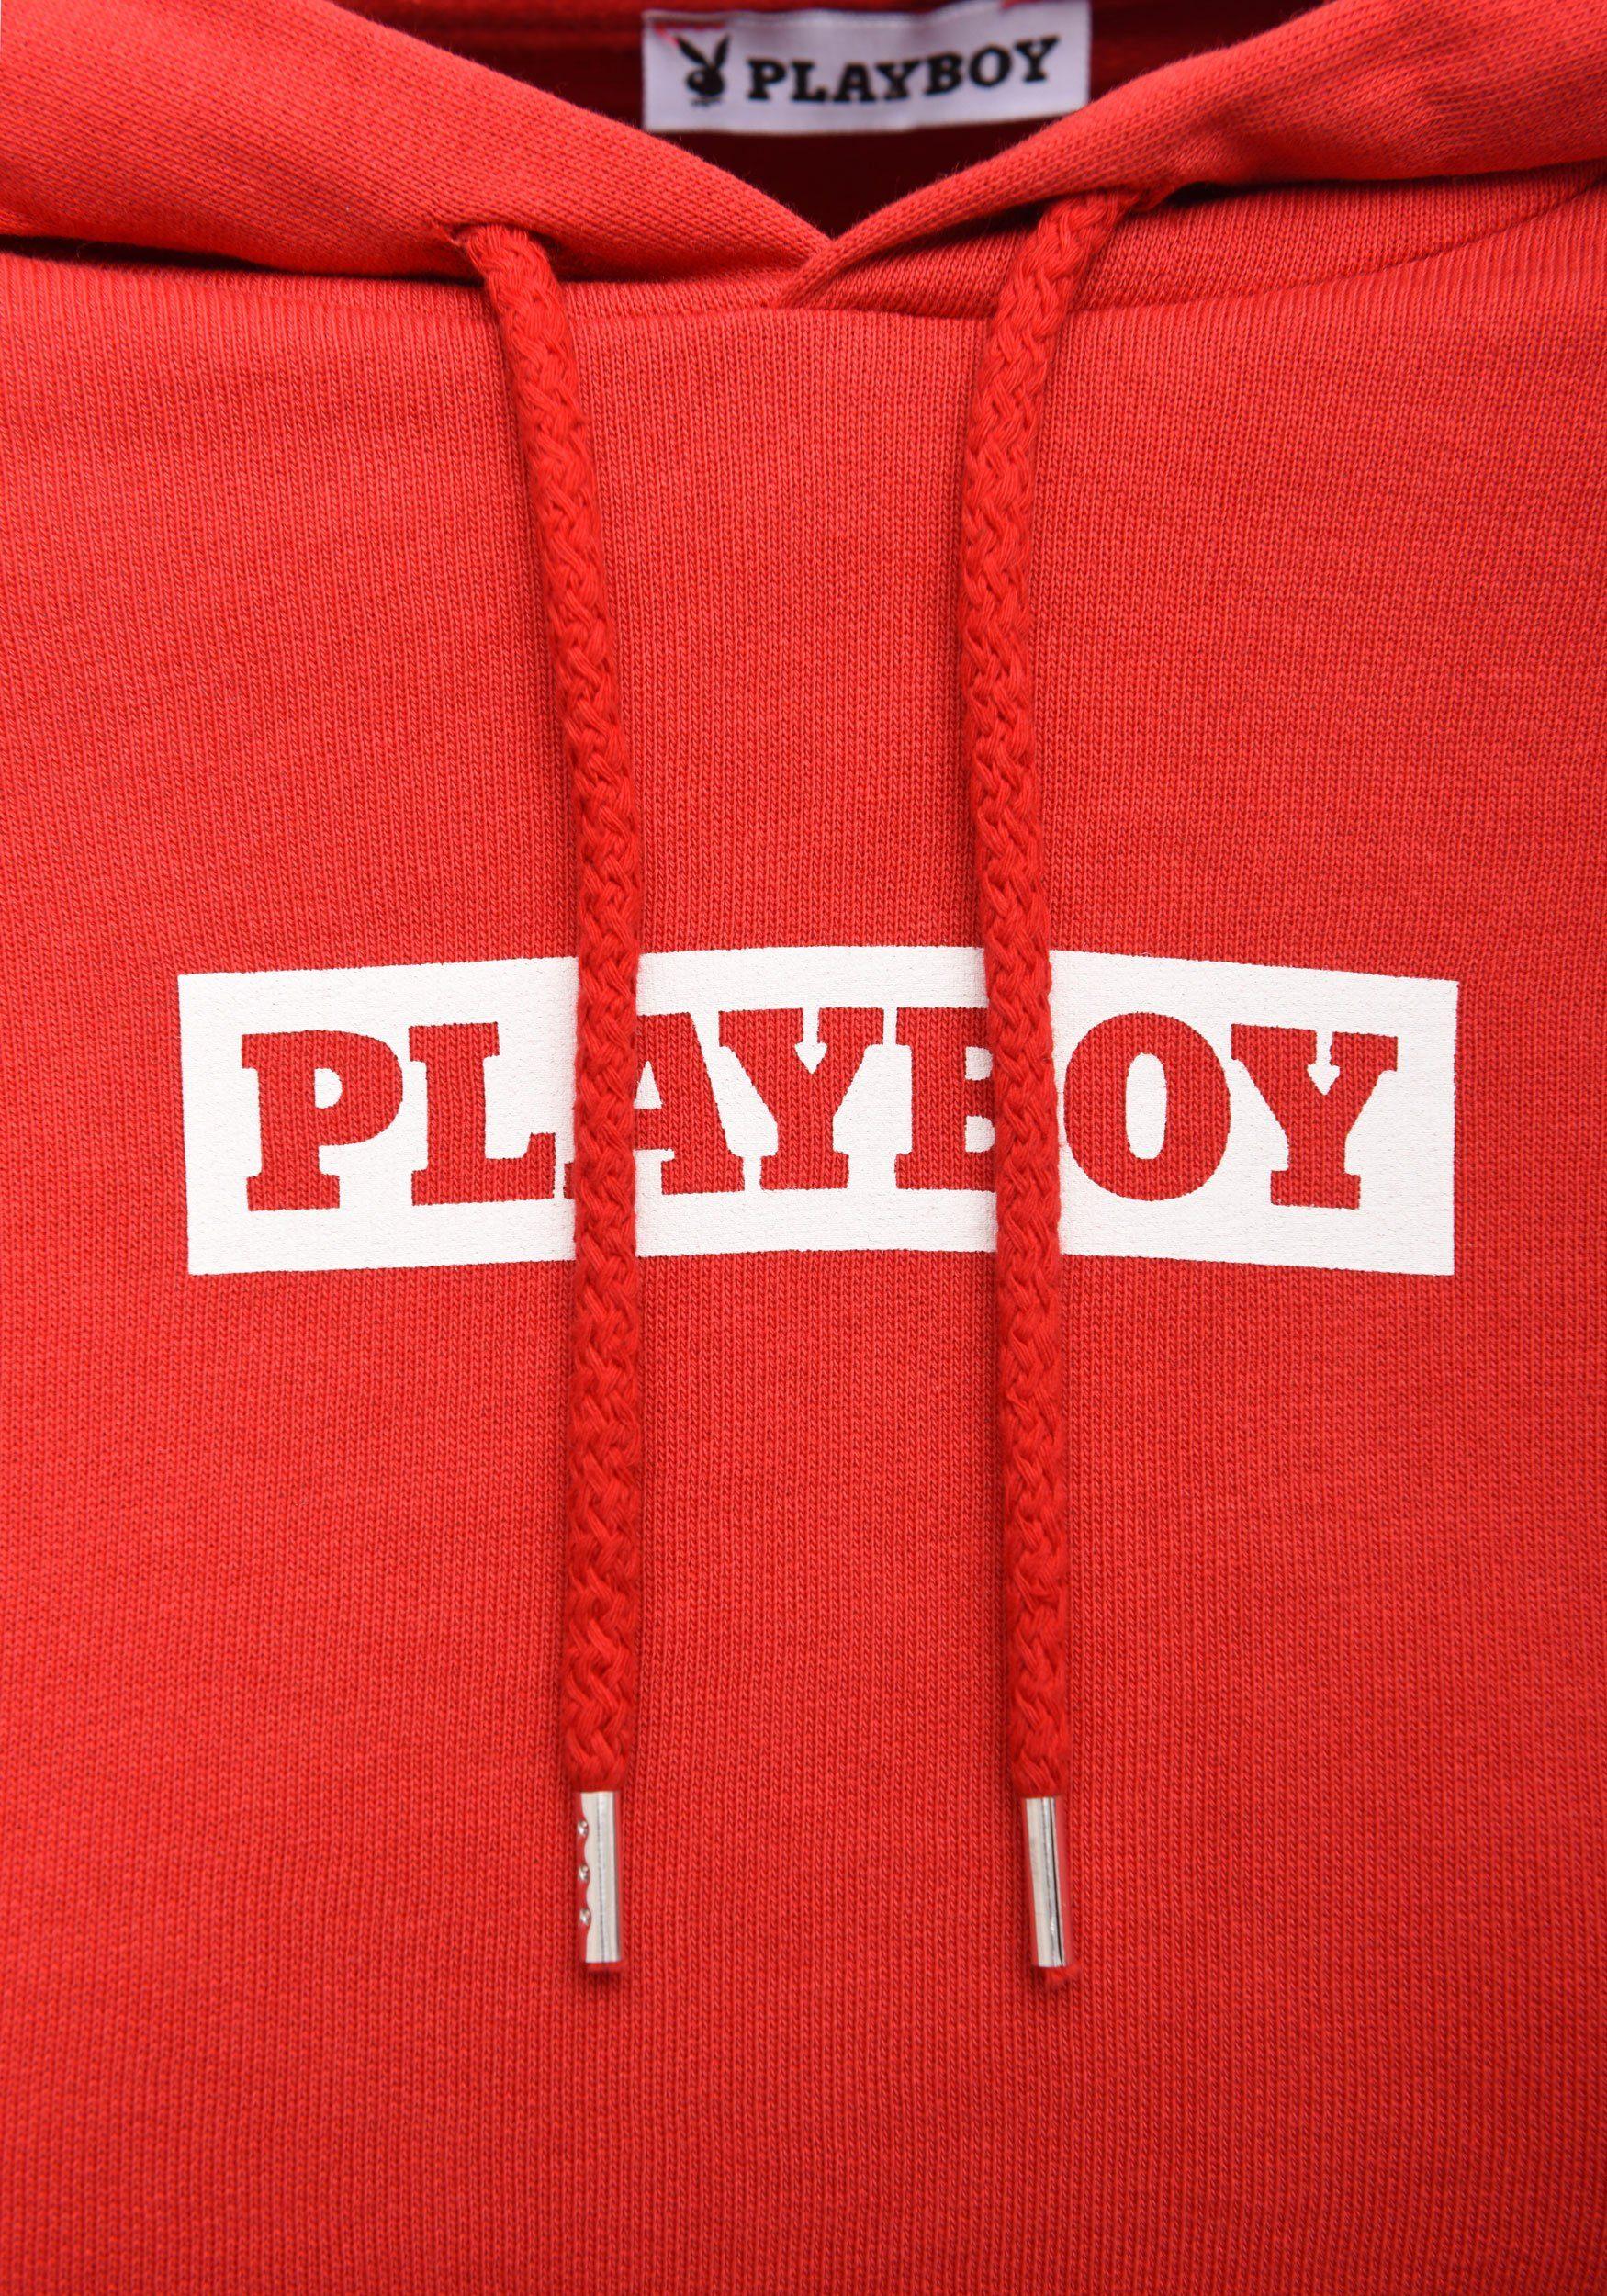 PLAYBOY Kapuzenpullover in Cropped-Passform kaufen